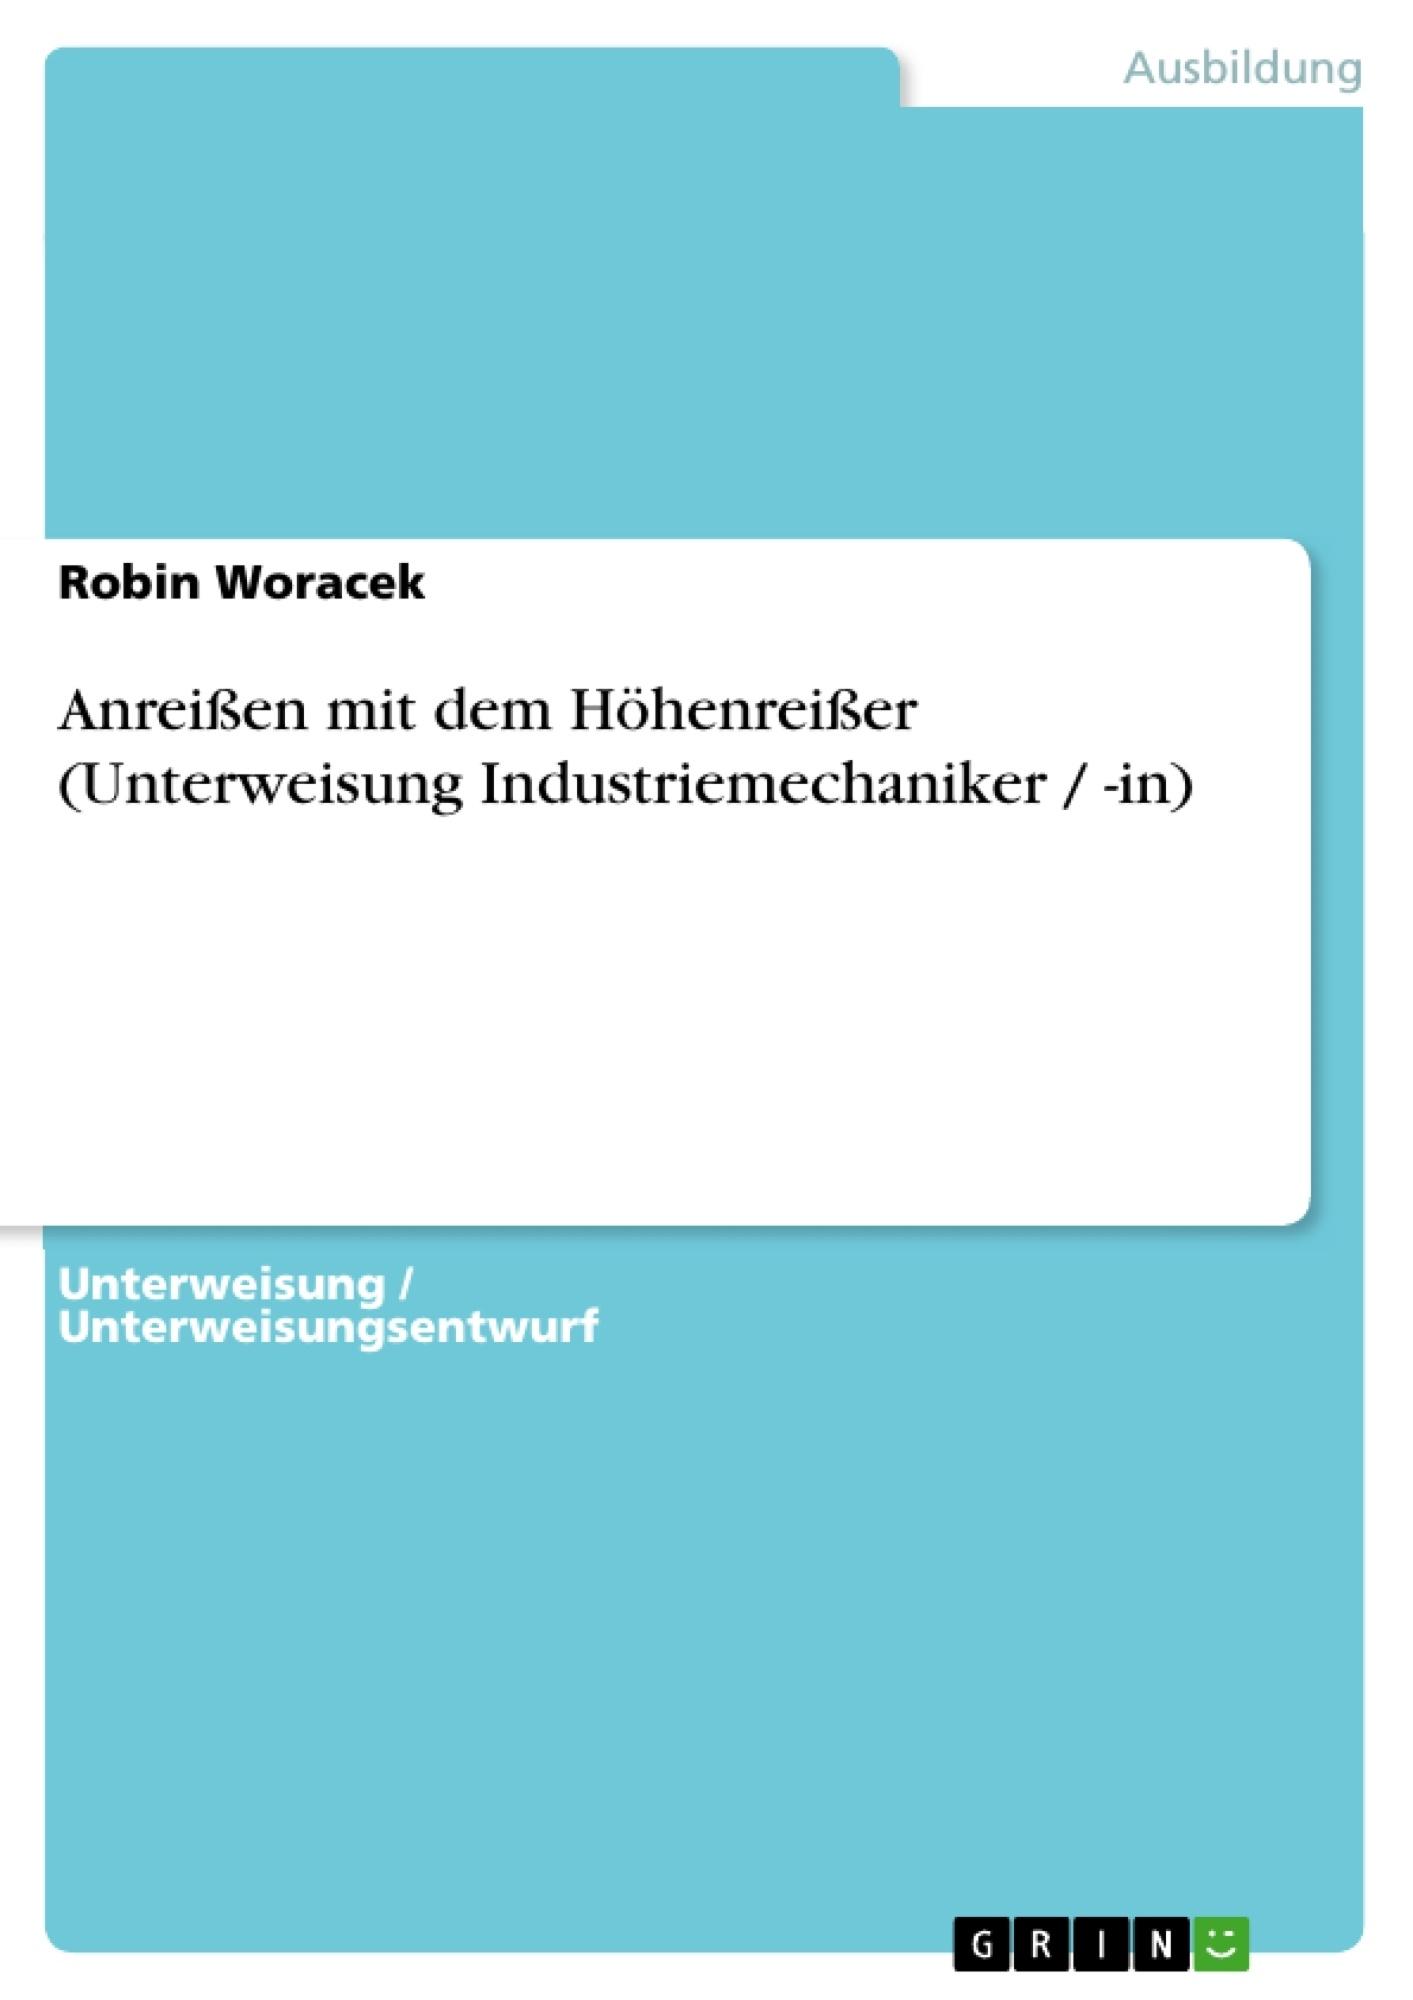 Titel: Anreißen mit dem Höhenreißer (Unterweisung Industriemechaniker / -in)